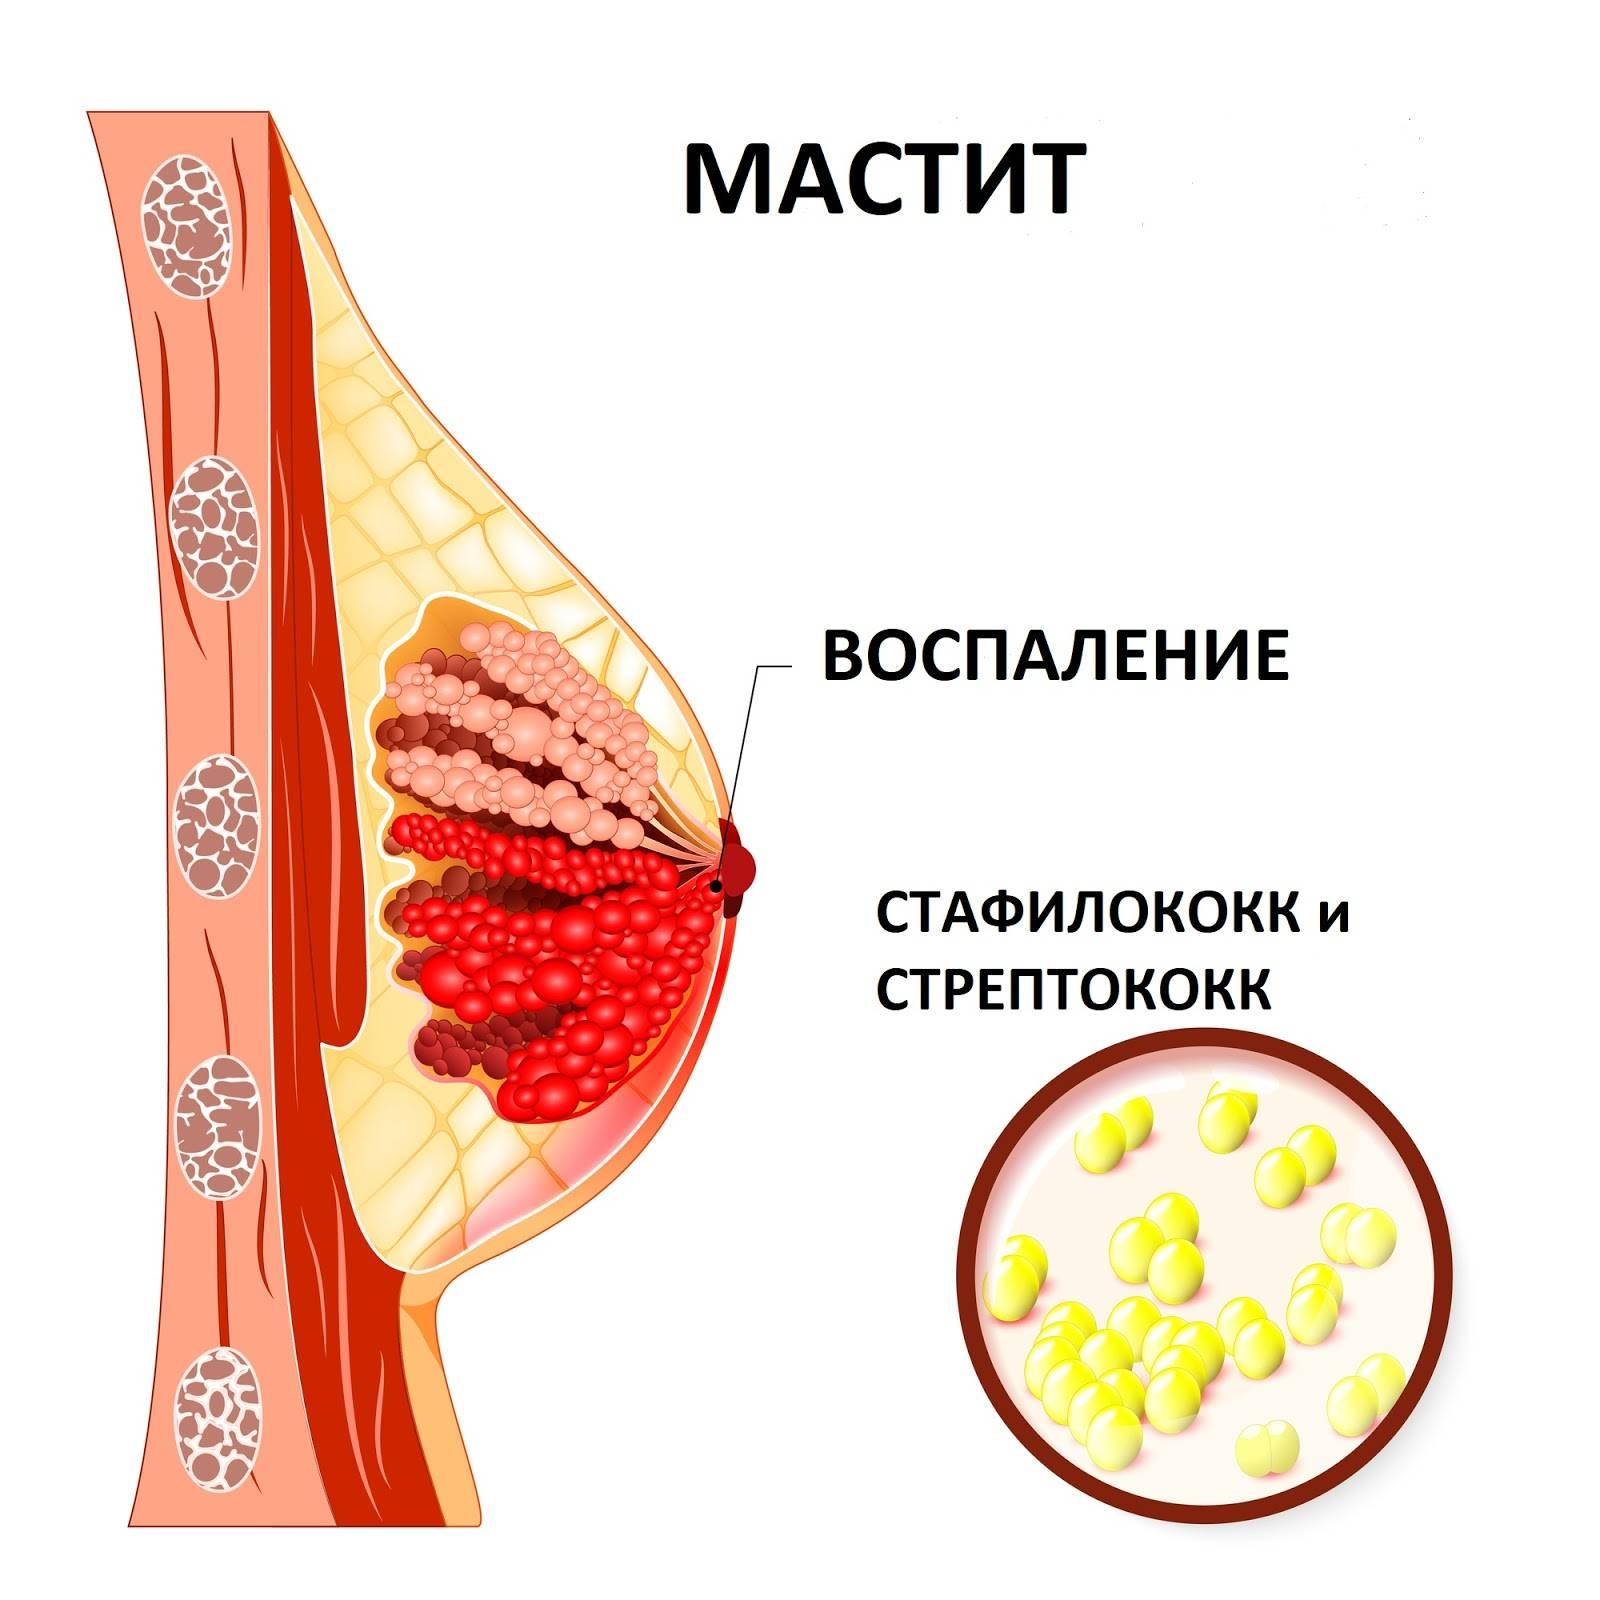 почему могут болеть груди